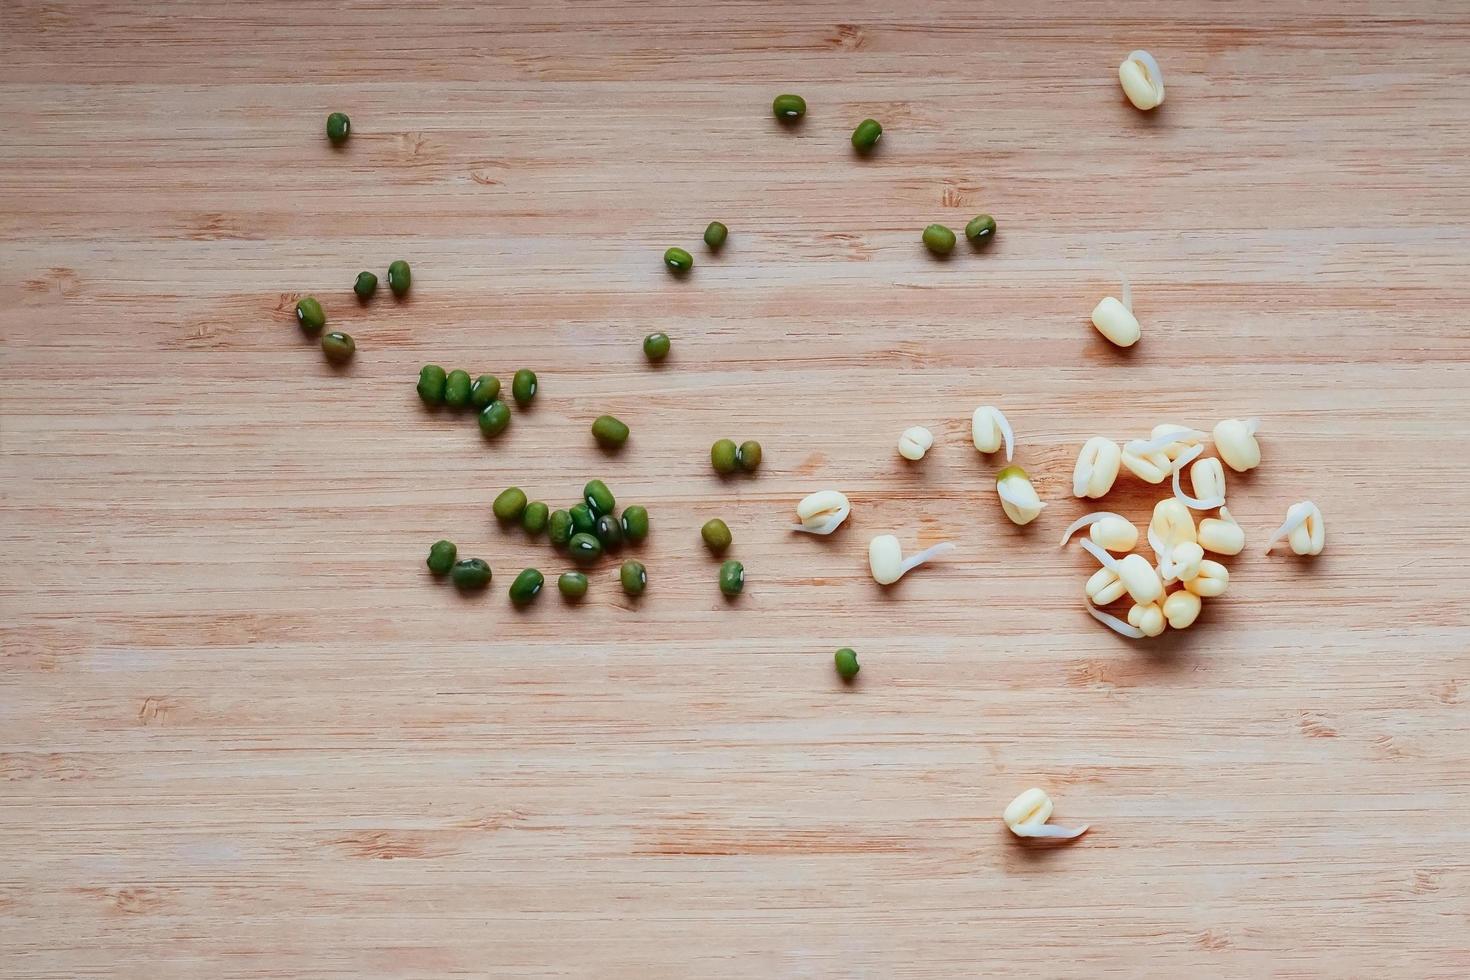 Mungobohnen und ihre Sprossen auf Tisch, Ansicht von oben foto